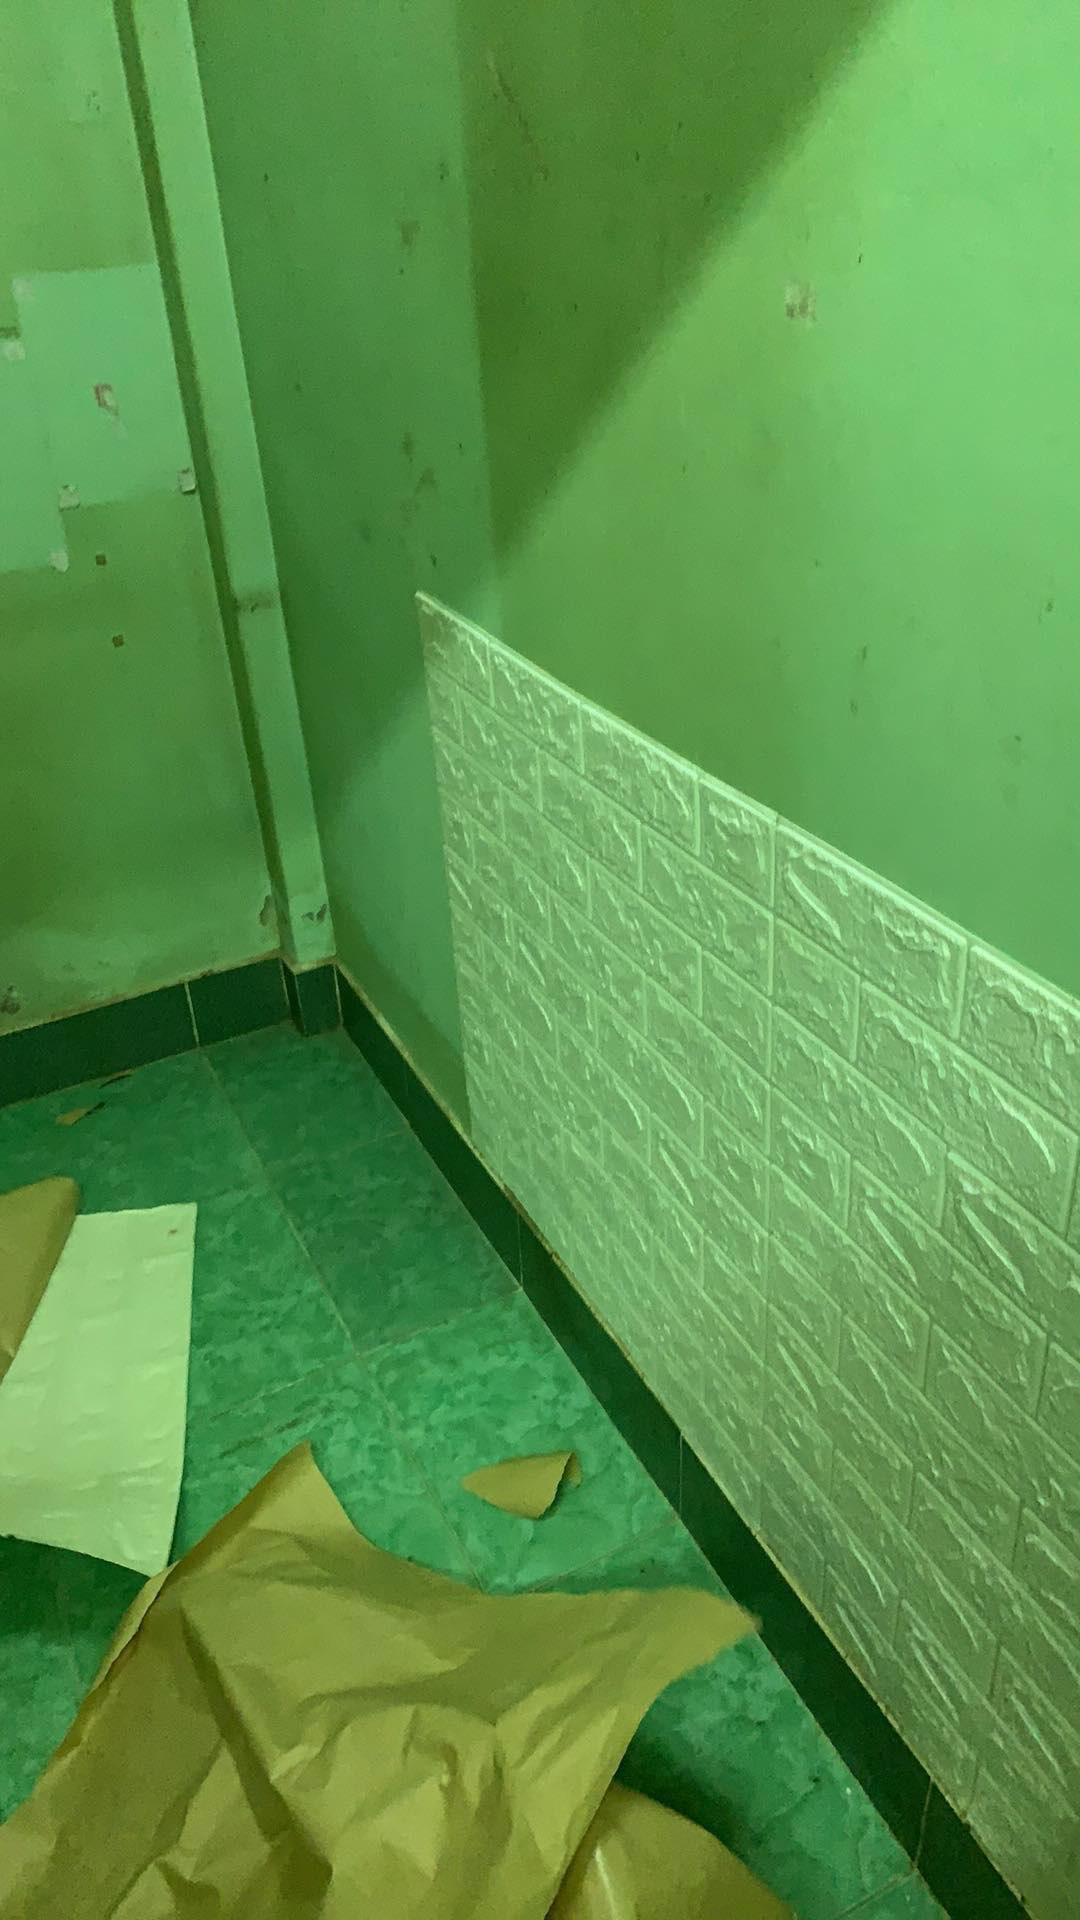 Thanh niên ở nhà mùa dịch thấy căn phòng 4m2 bừa bộn ngứa mắt nên quyết tâm decor lại mọi thứ: Kết quả quá bất ngờ!-3